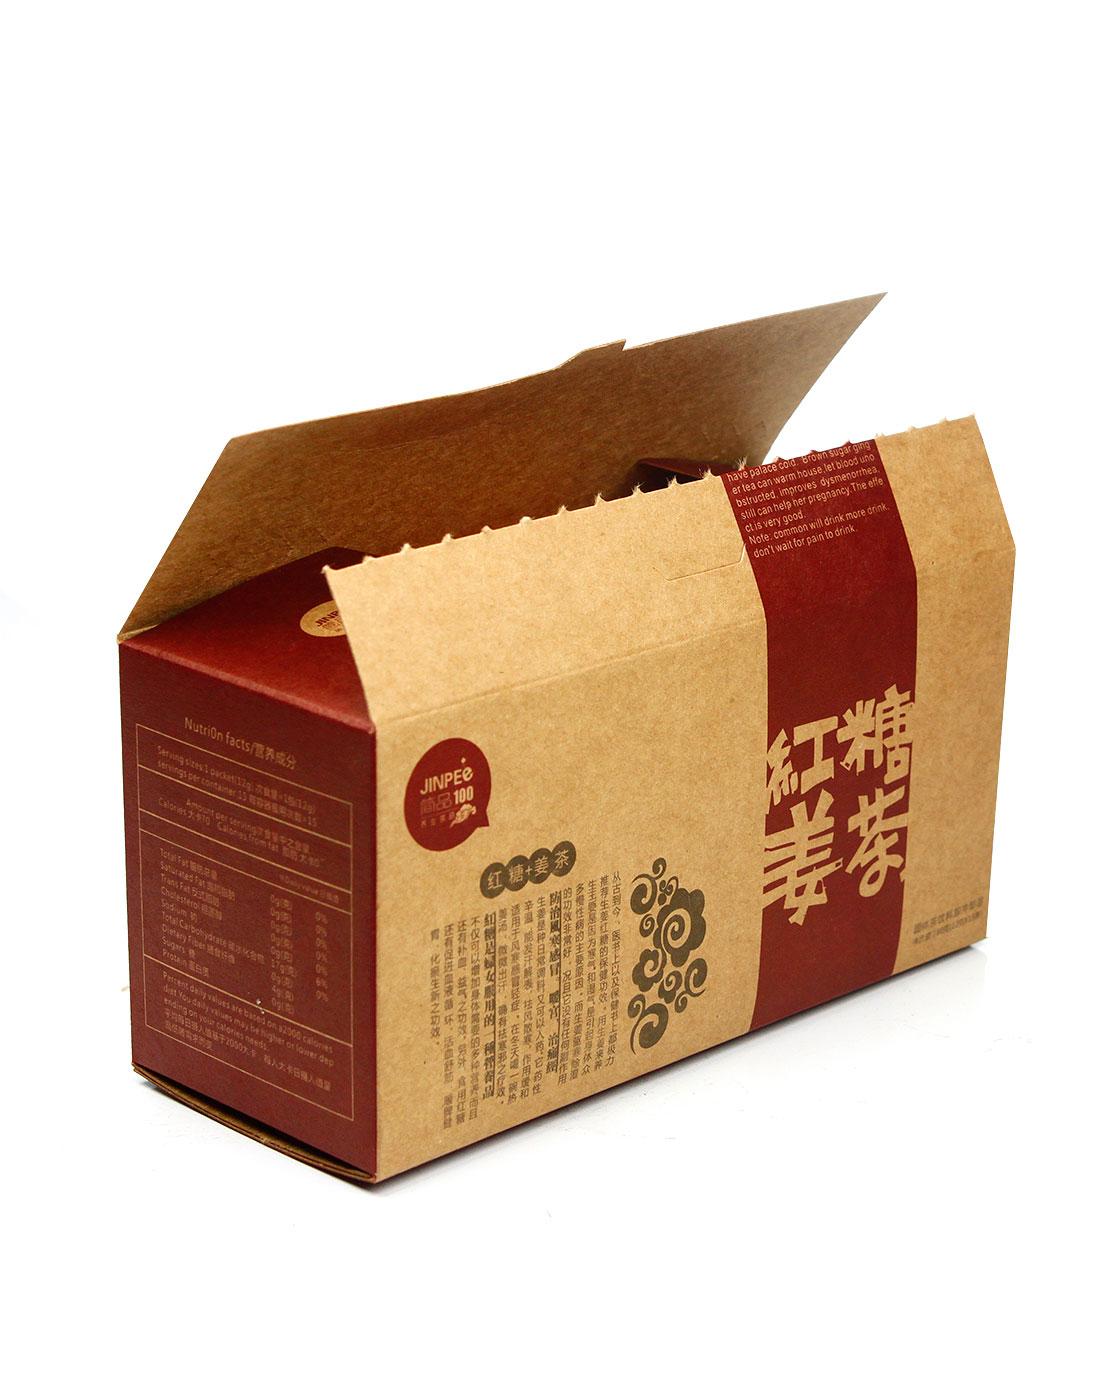 包裝 包裝設計 設計 1100_1390 豎版 豎屏